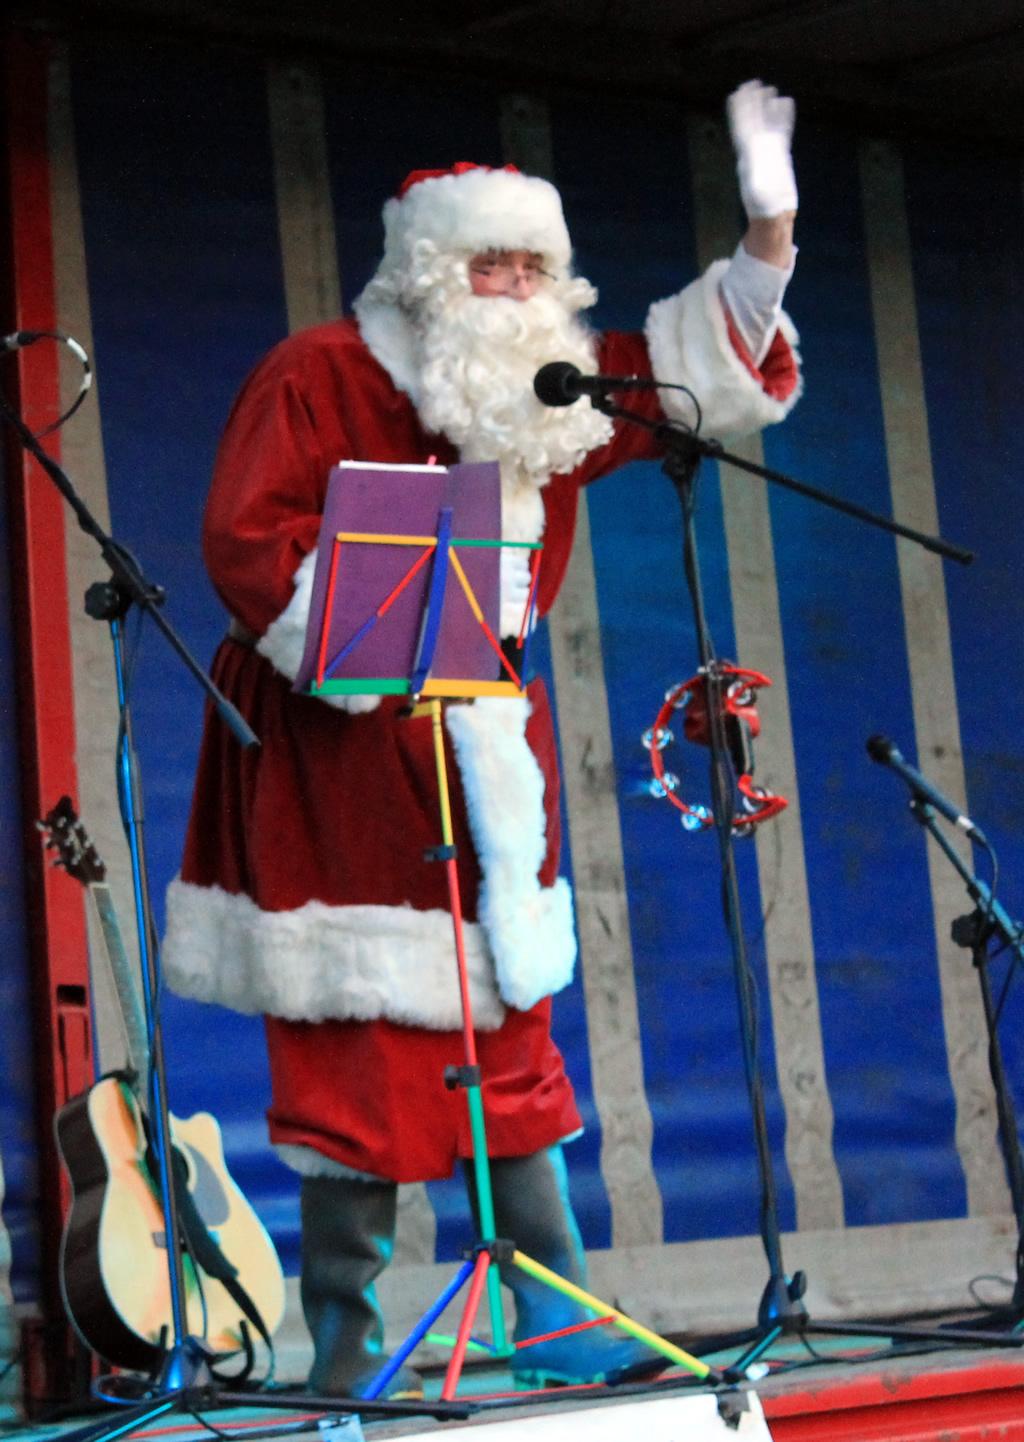 Santa visiting Great Ayton Christmas Fayre 2017